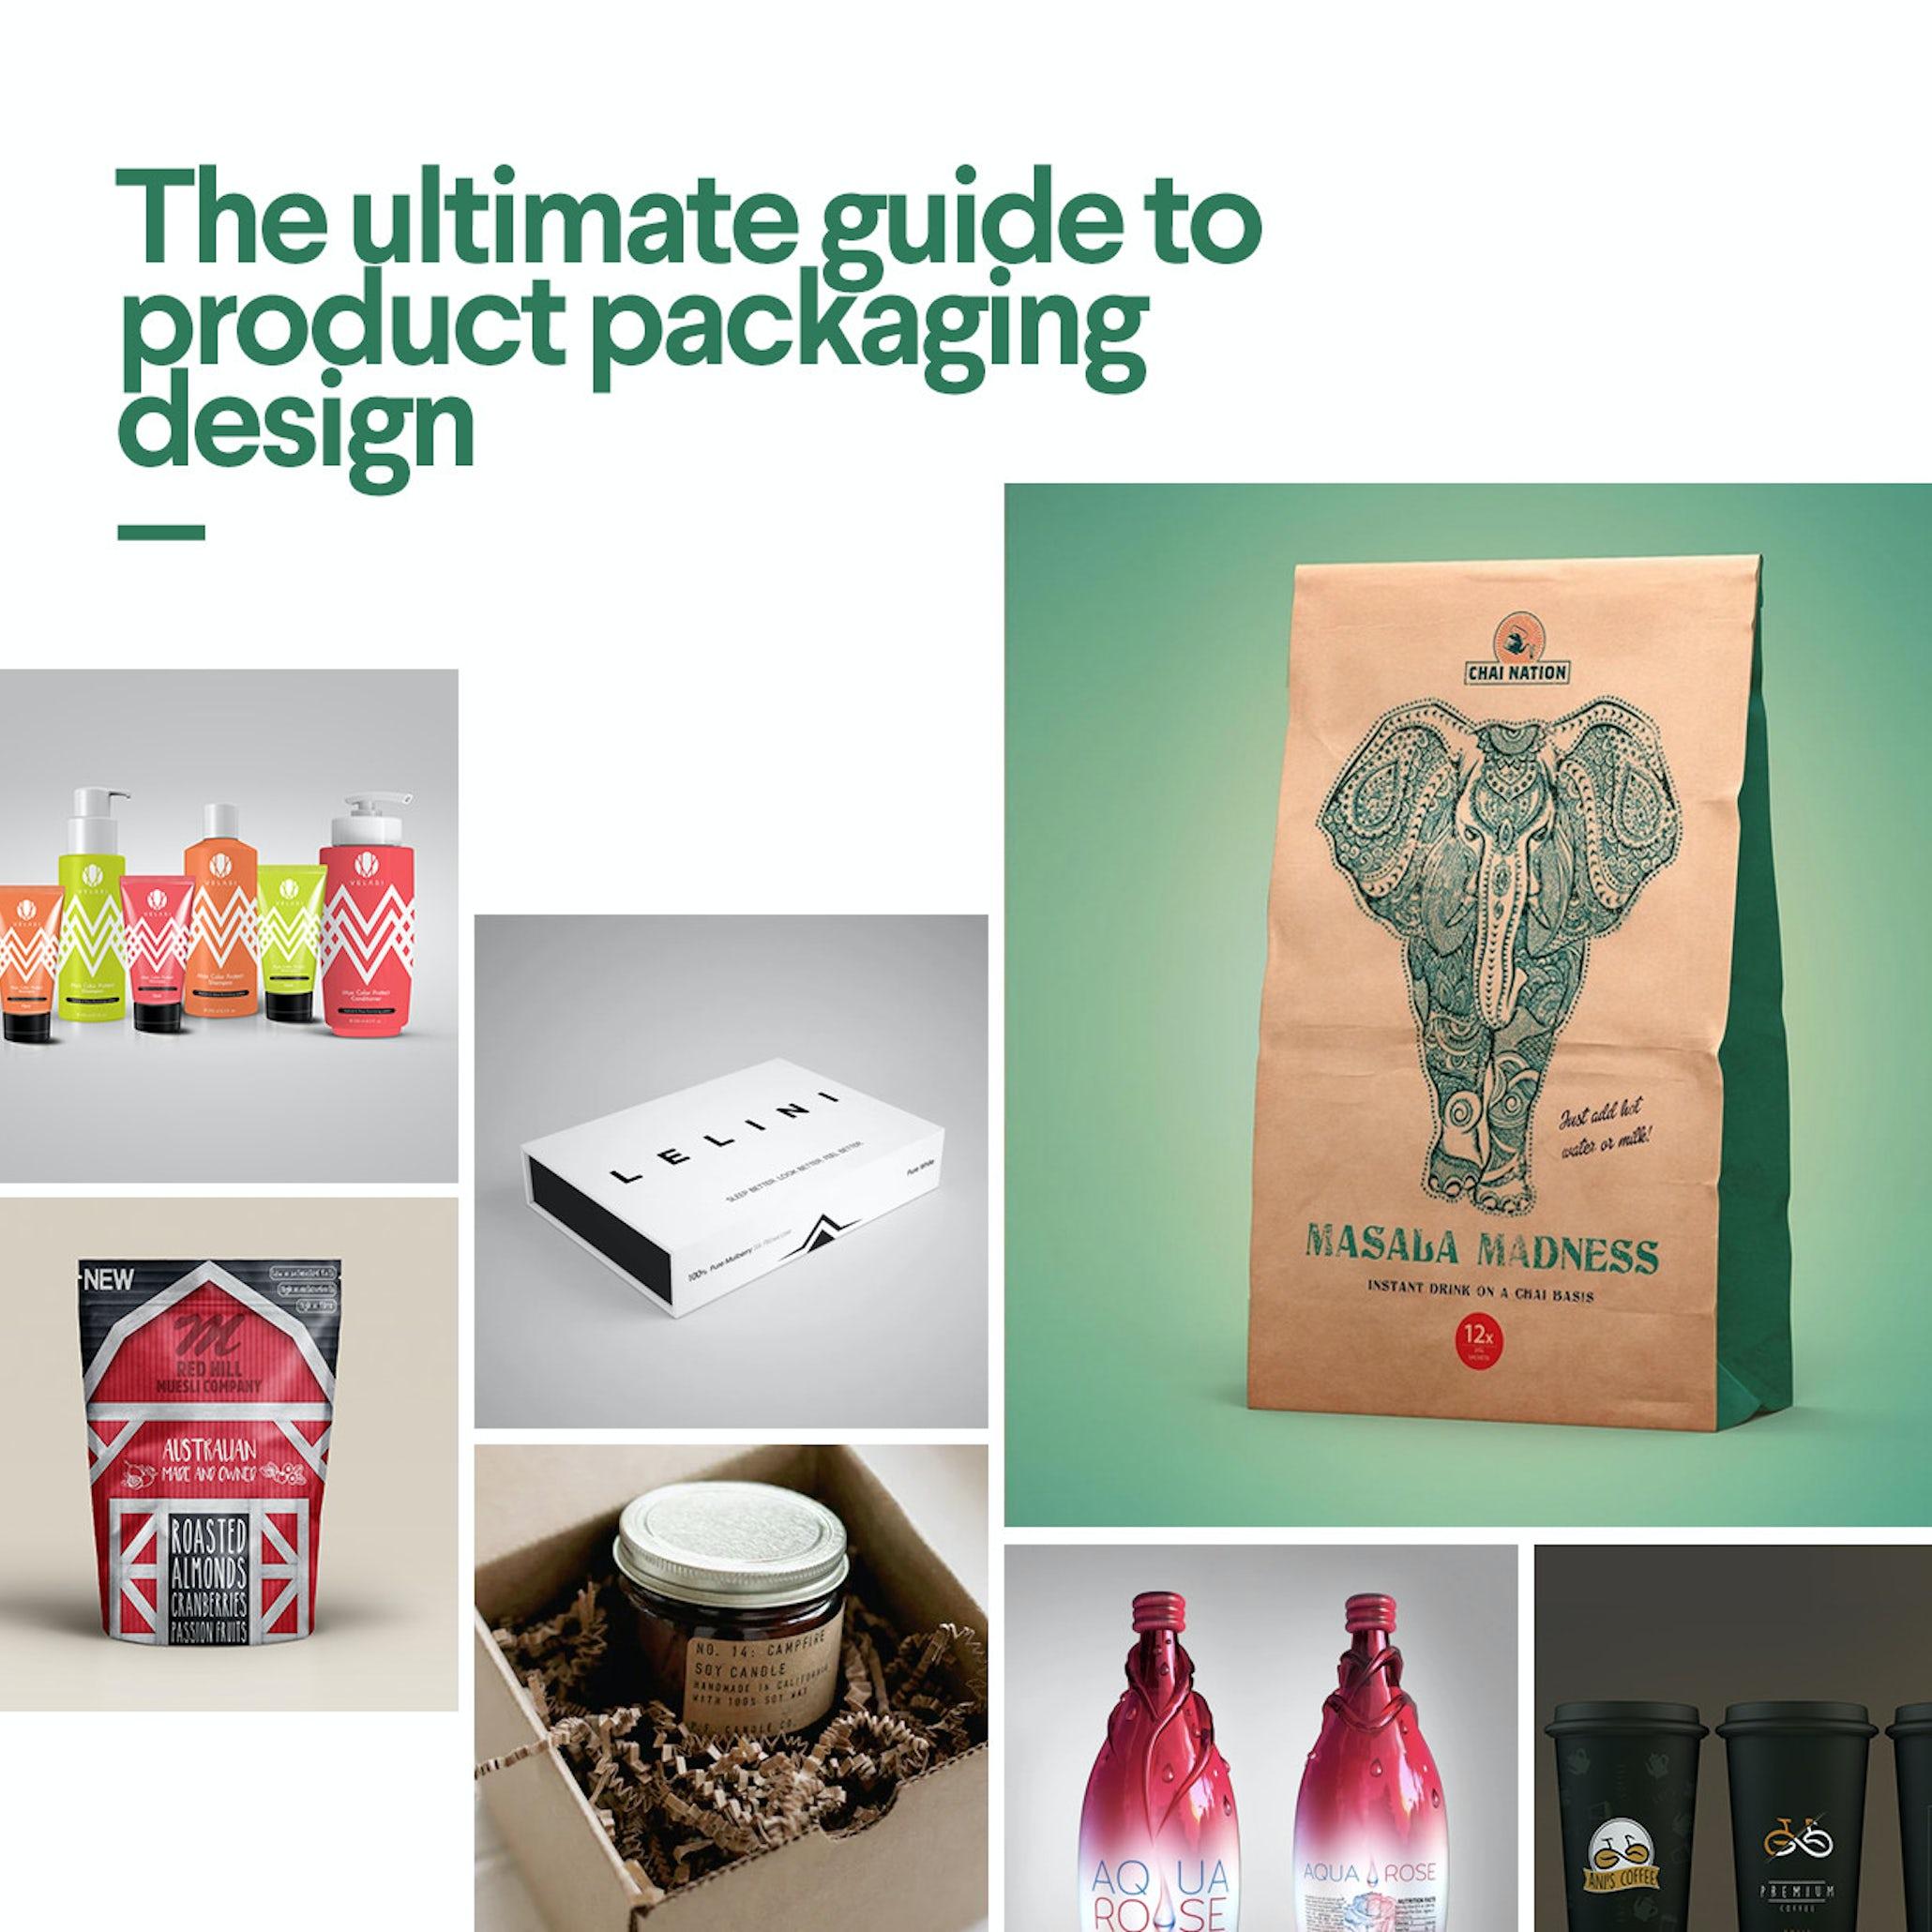 c31f77e914 Le guide ultime du packaging - 99designs